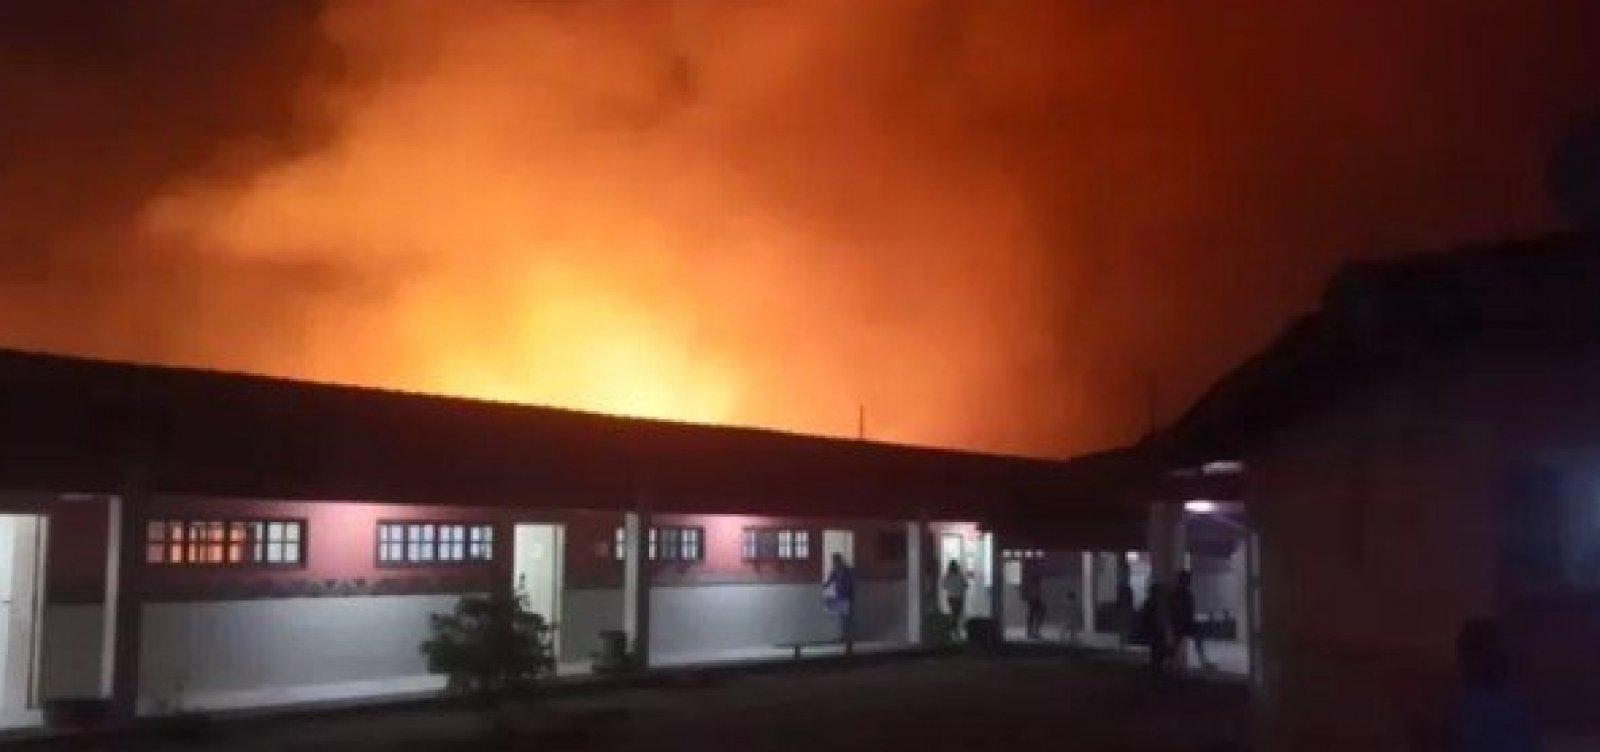 [Incêndio de grandes proporções atinge vegetação de aldeia indígena no sul da BA]